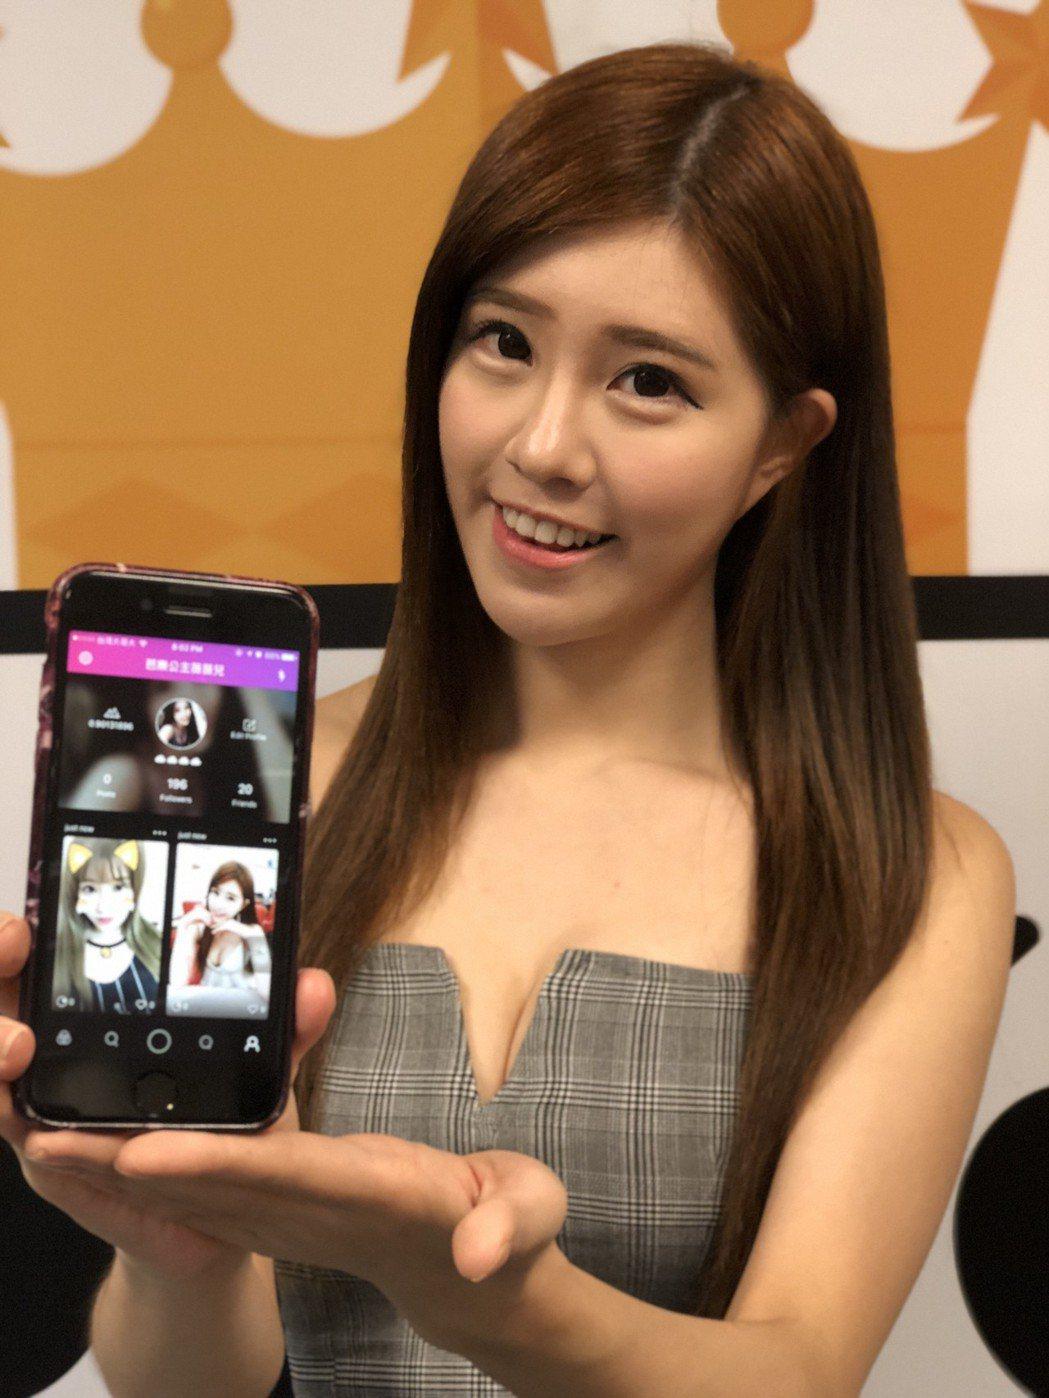 M17 Entertainment宣布將與秘銀科技共同經營社交挖礦平台Lit,把...